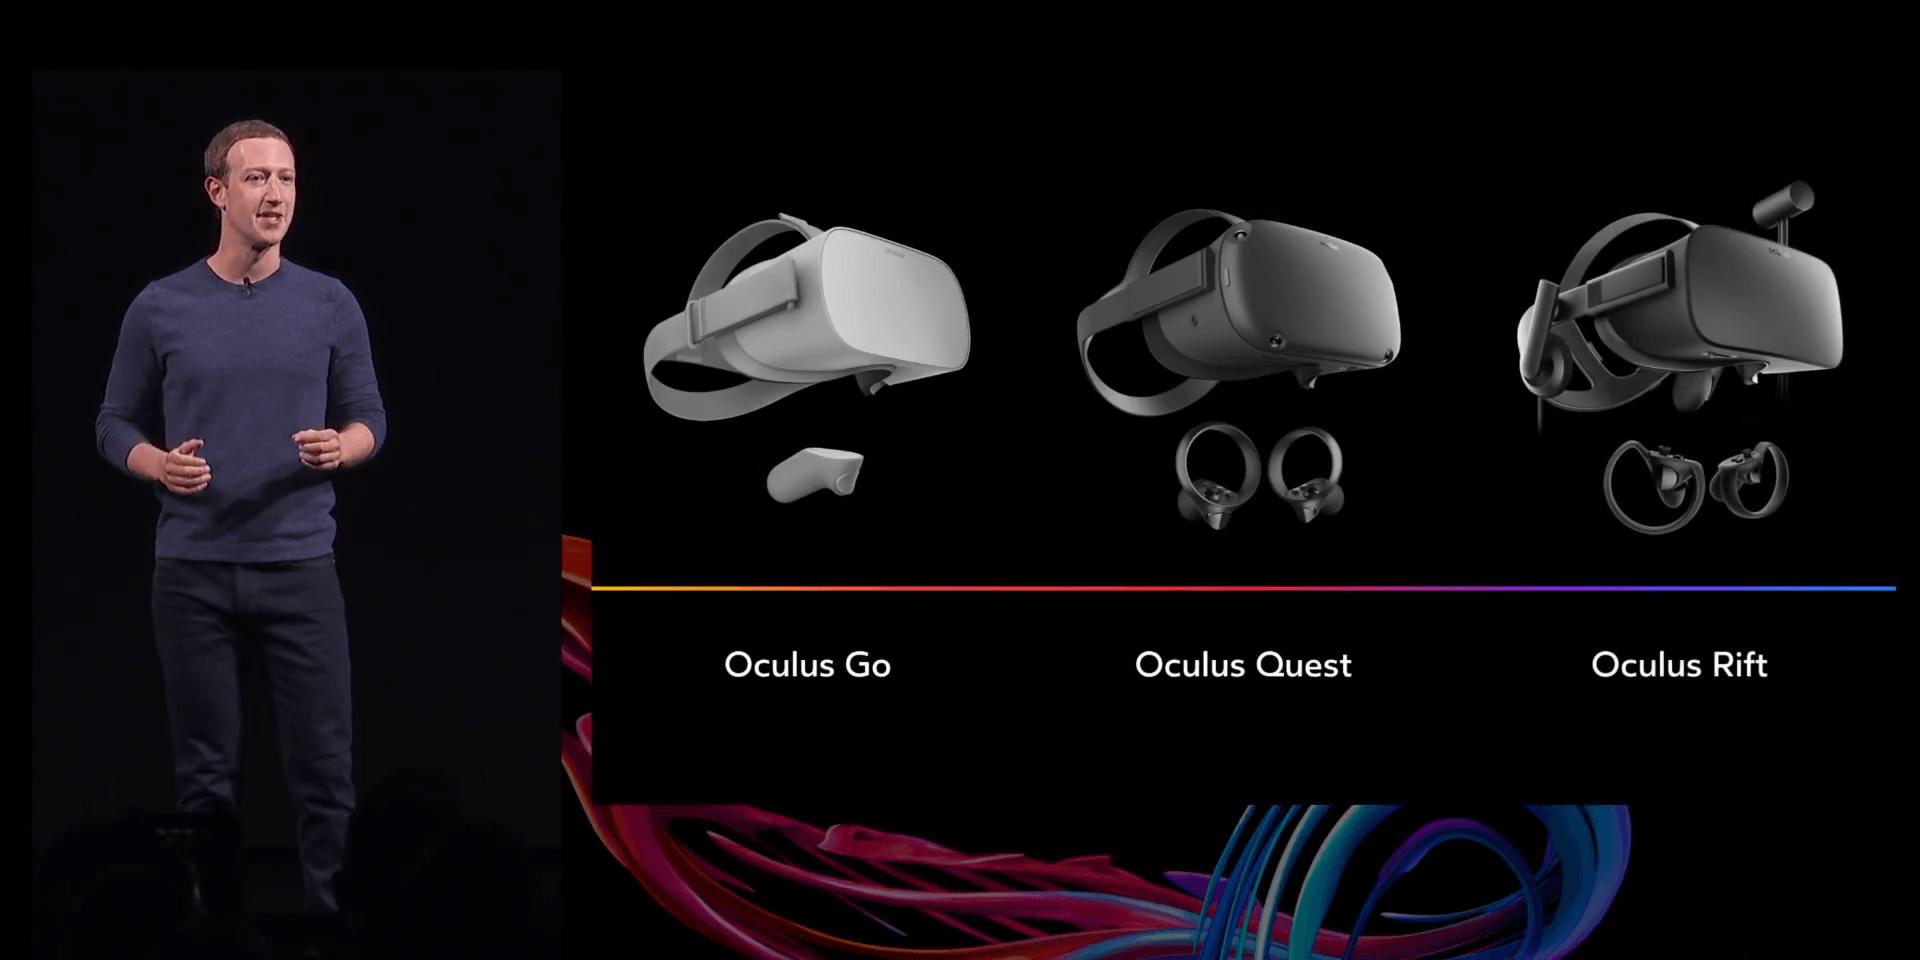 facebook mark zuckerberg unviels oculus vr headset choices